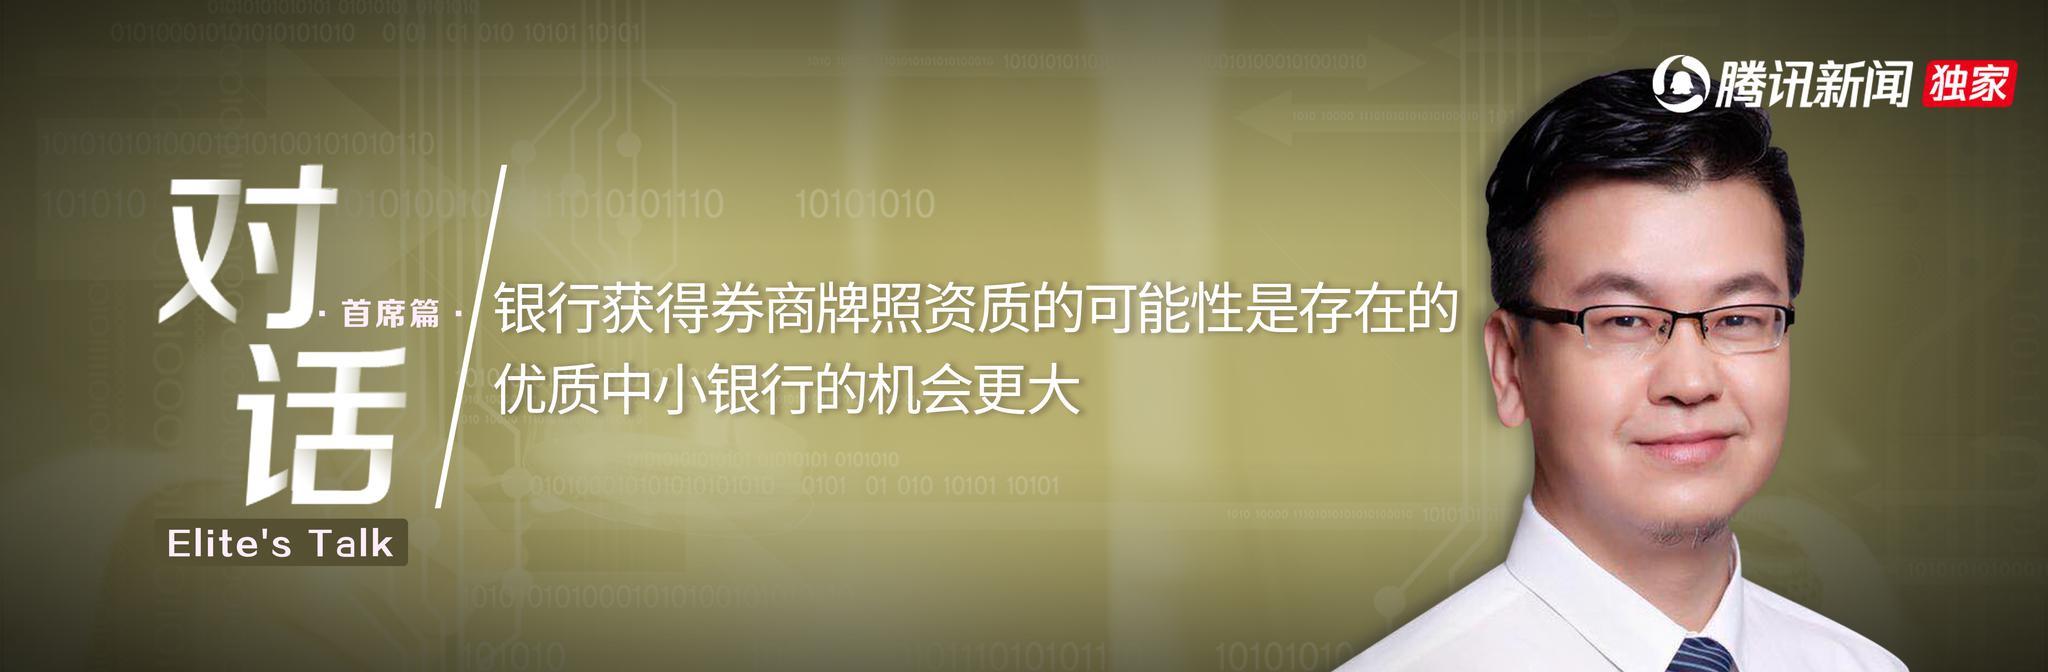 银行拿券商牌照引热议!中信建投杨荣详解哪家可能性大?谁会受冲